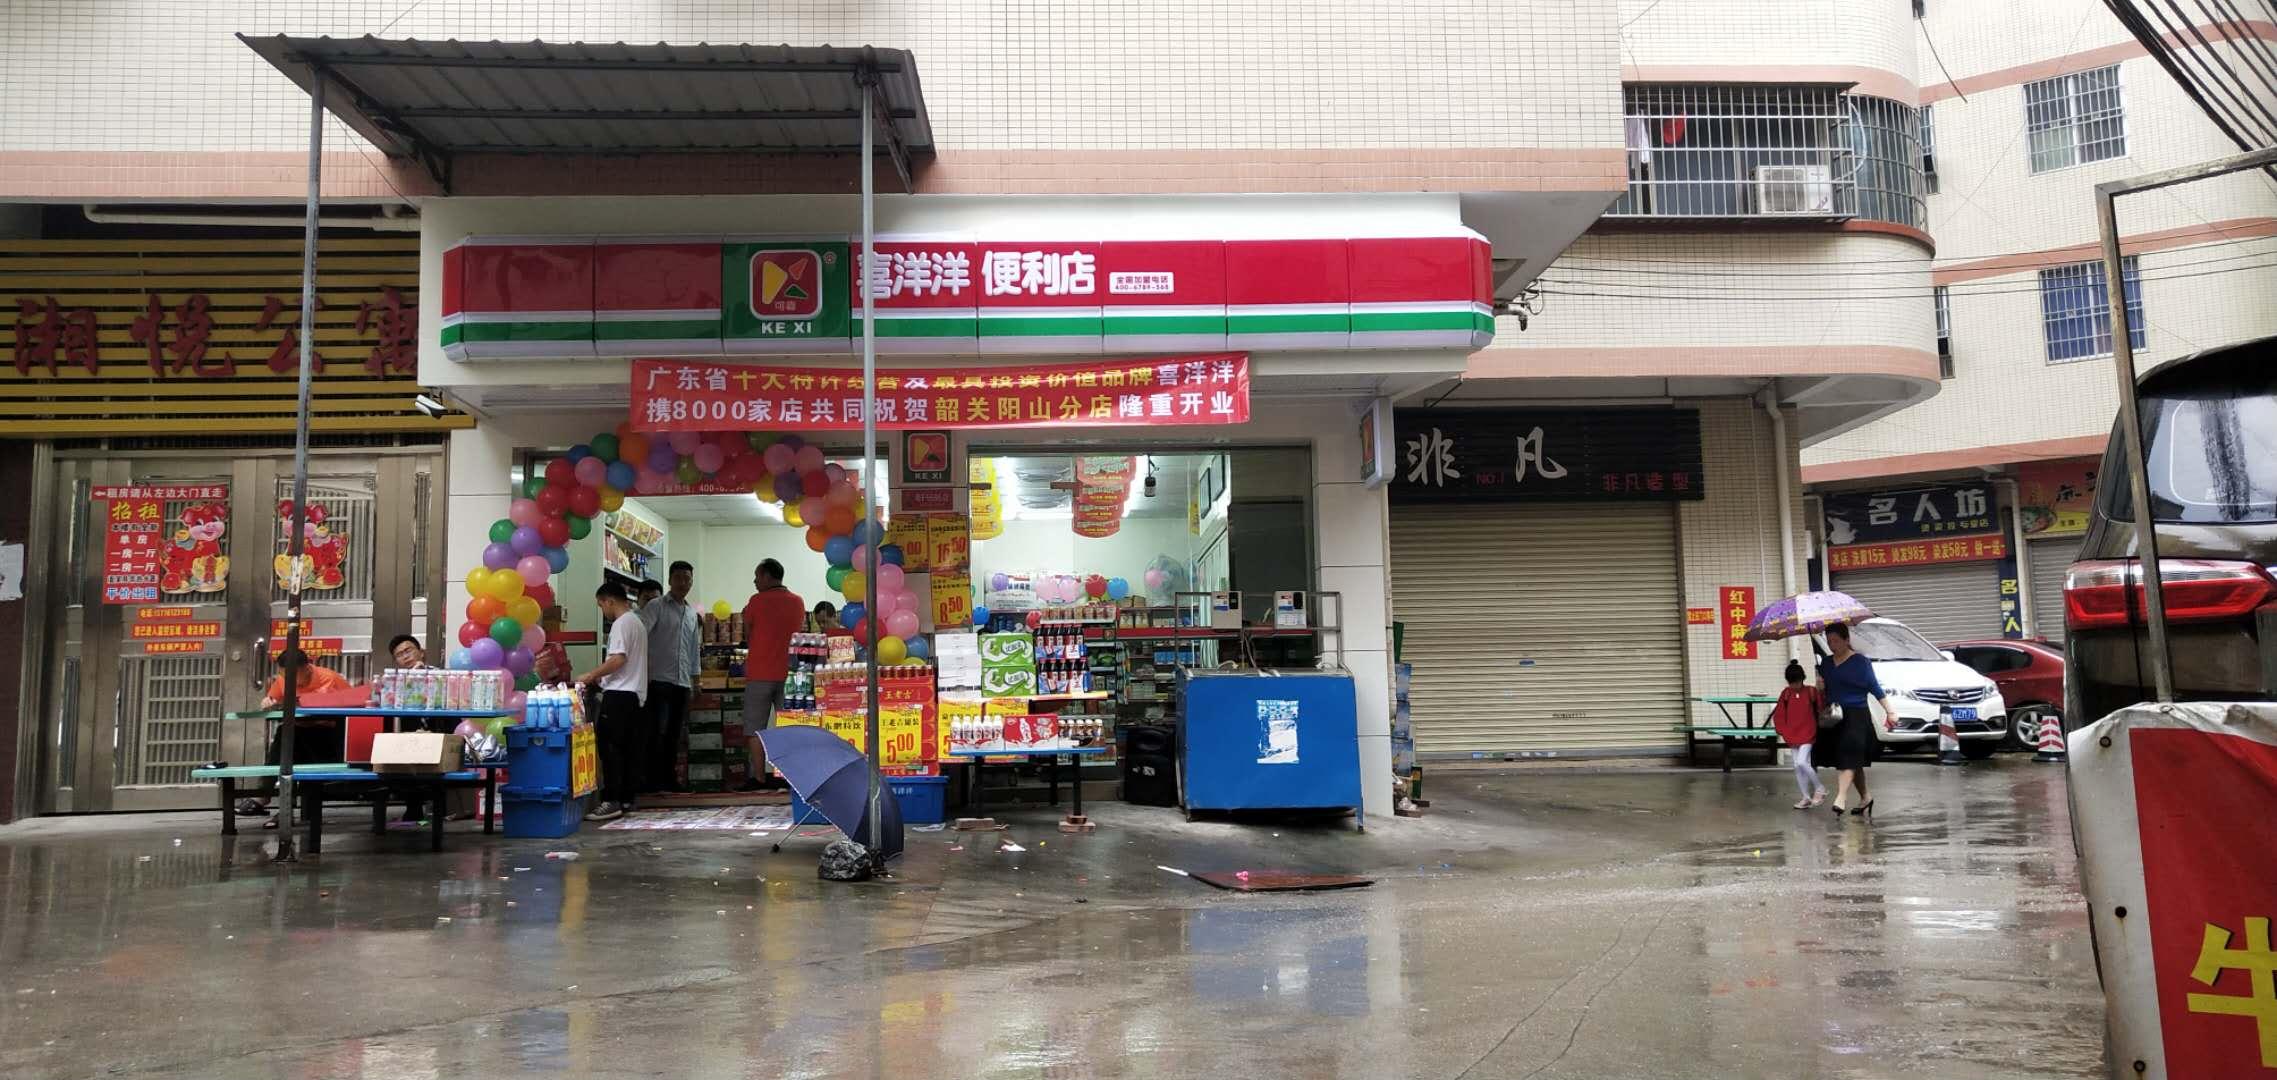 热烈祝贺喜洋洋4月27日又迎来新店开业:韶关阳山分店